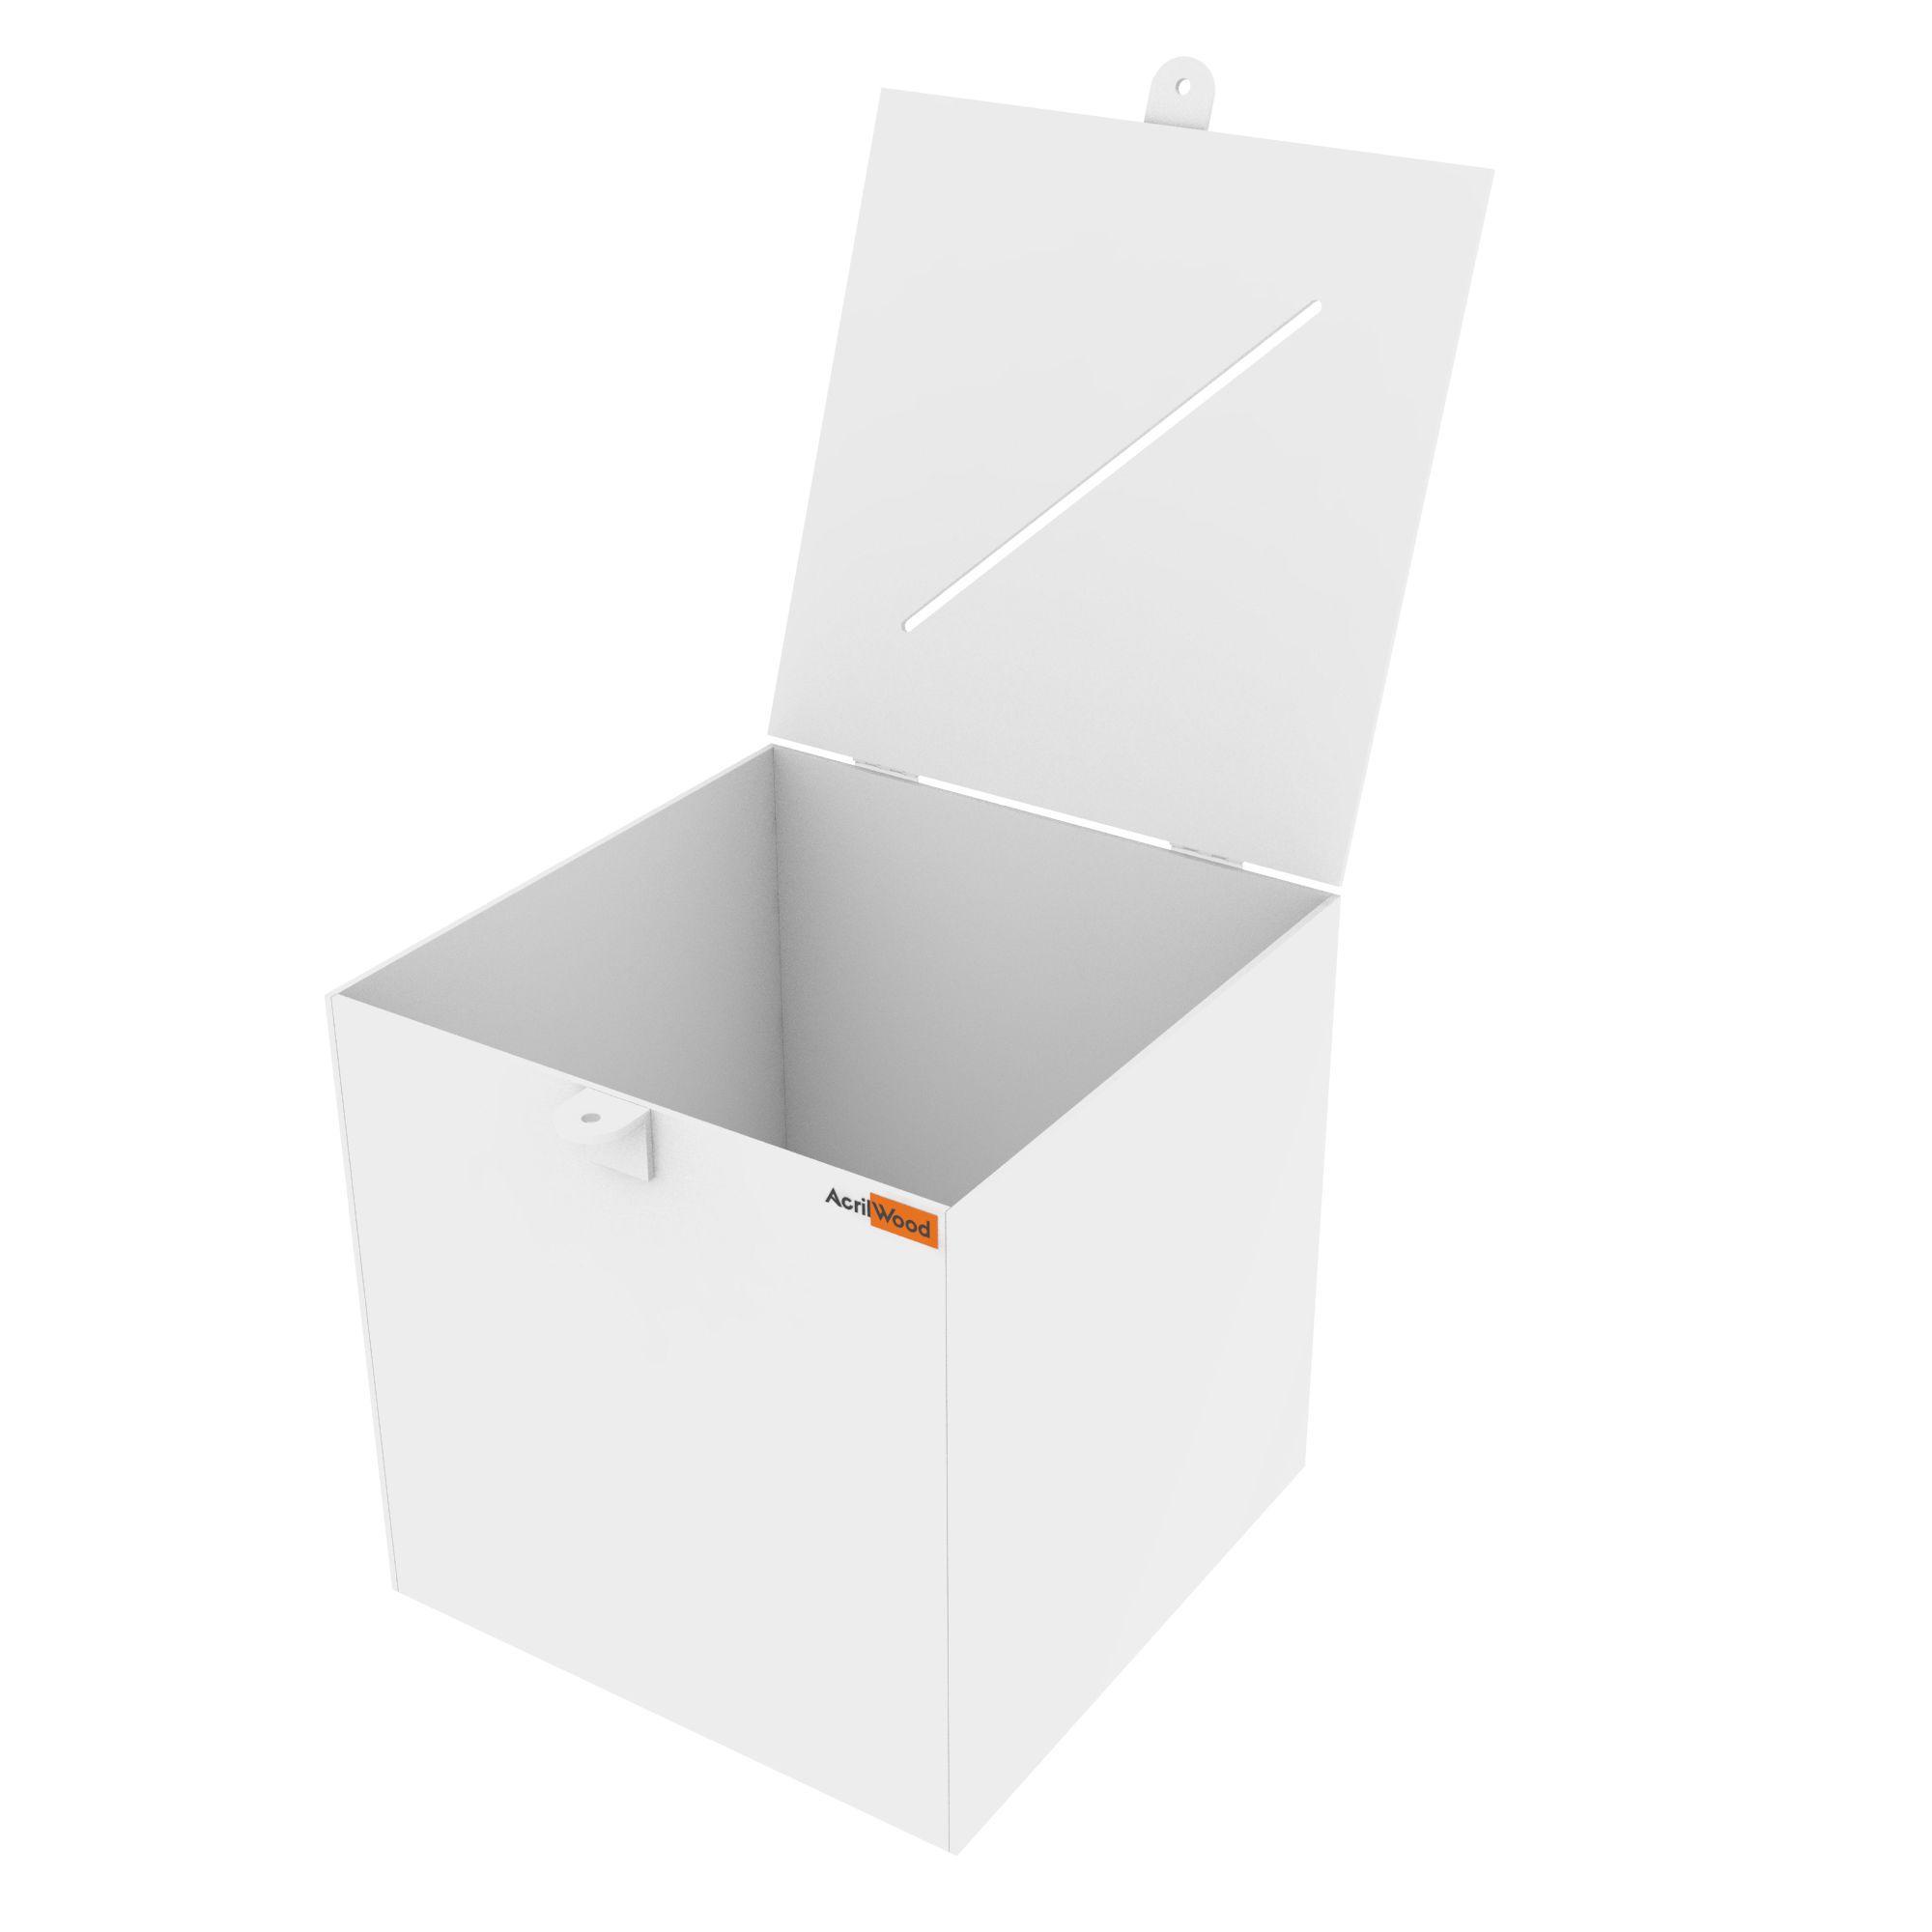 Urna Quadrada Em Acrílico Branco - 25x25x25cm